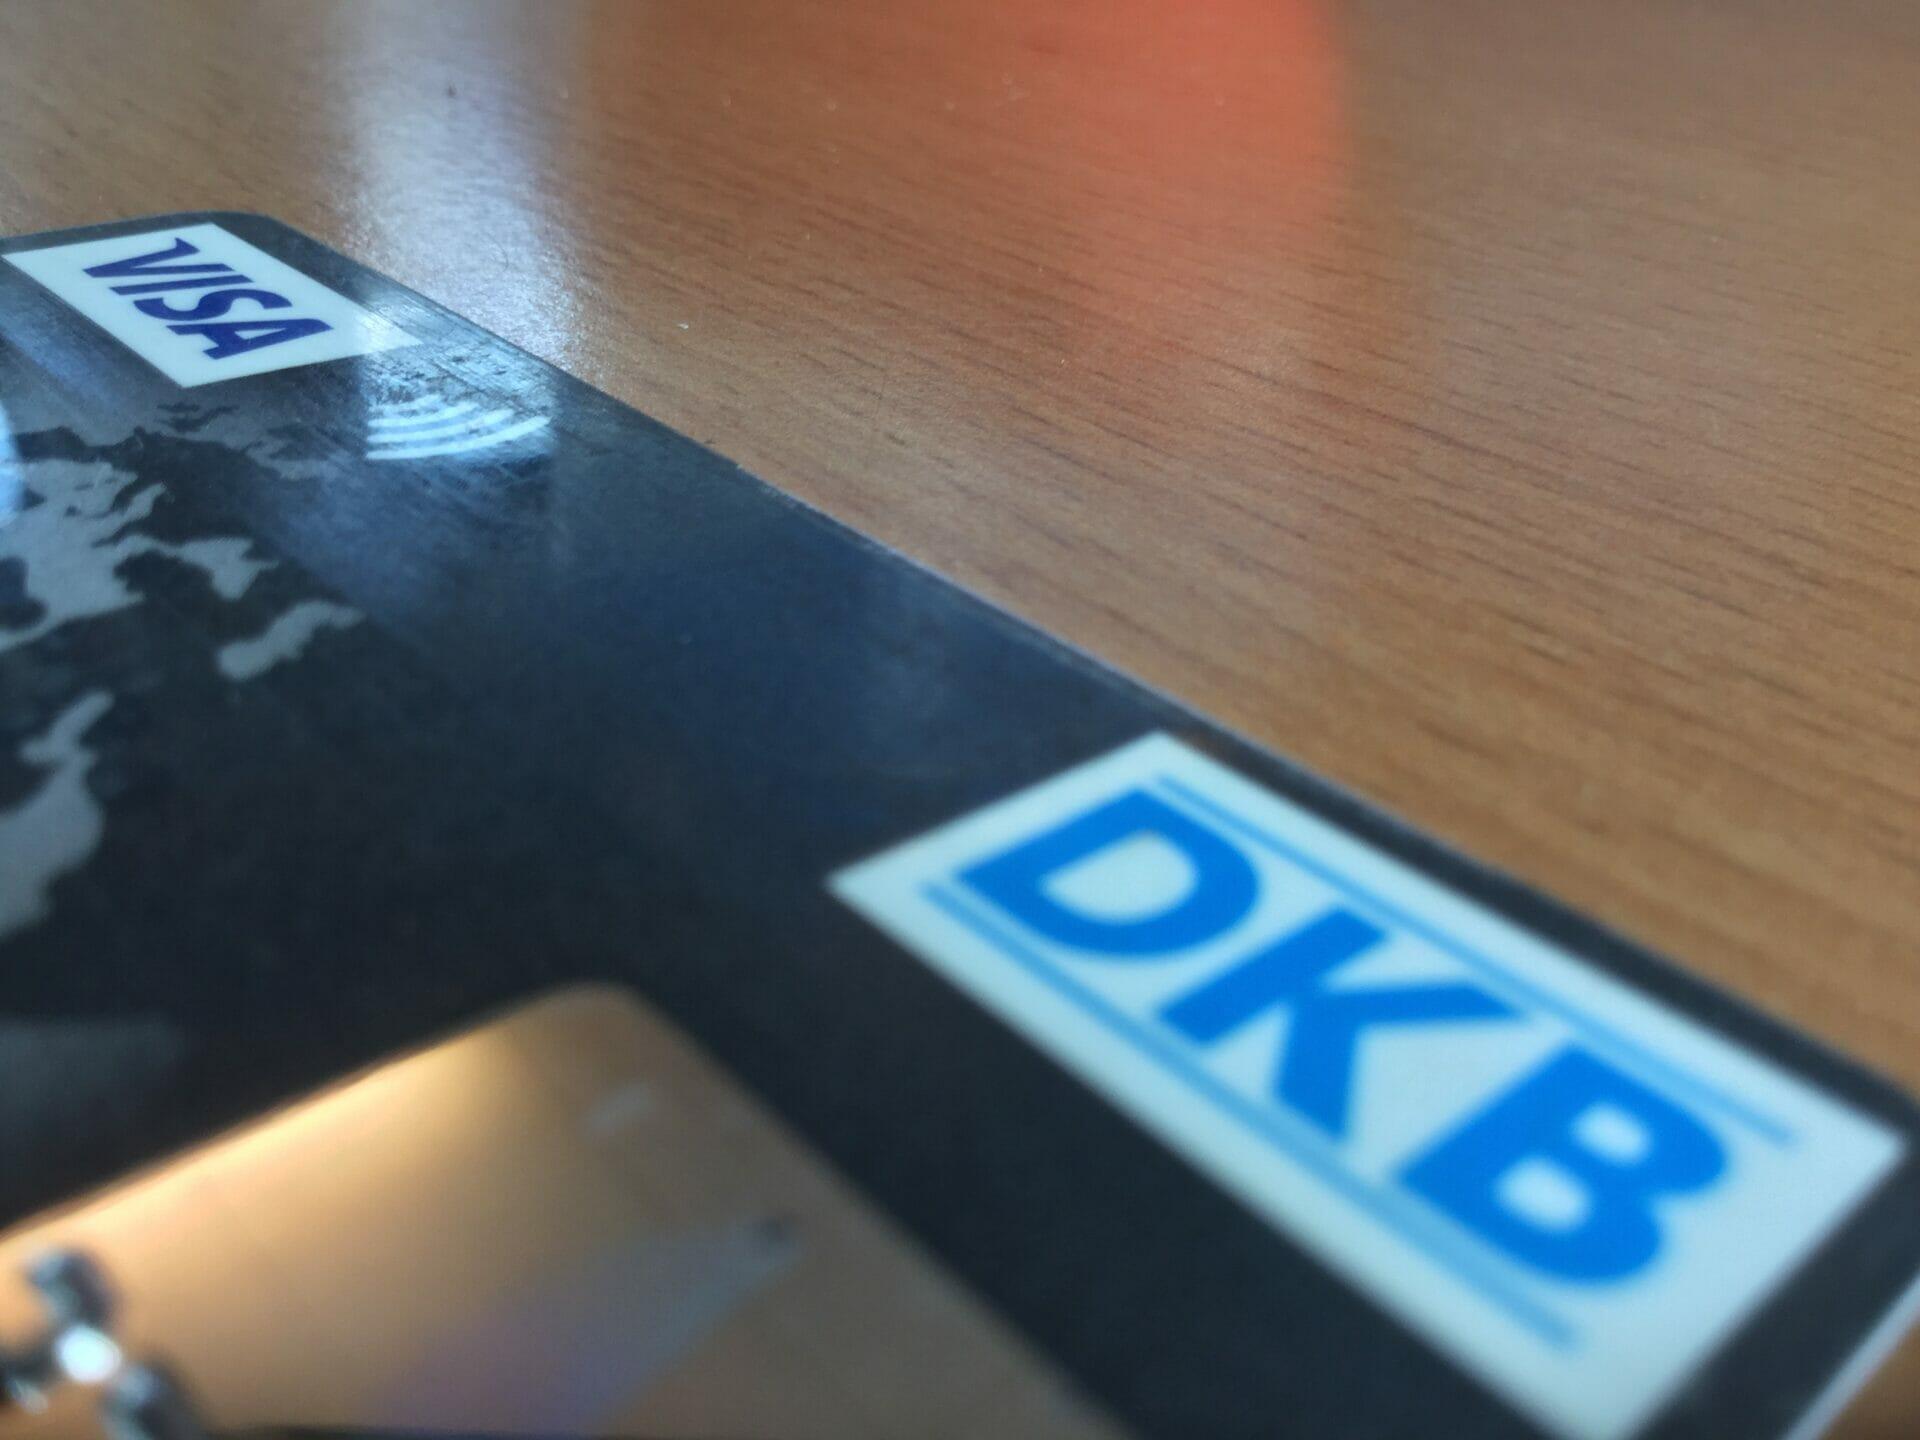 DKB Kreditkarte für Fahreadreisen